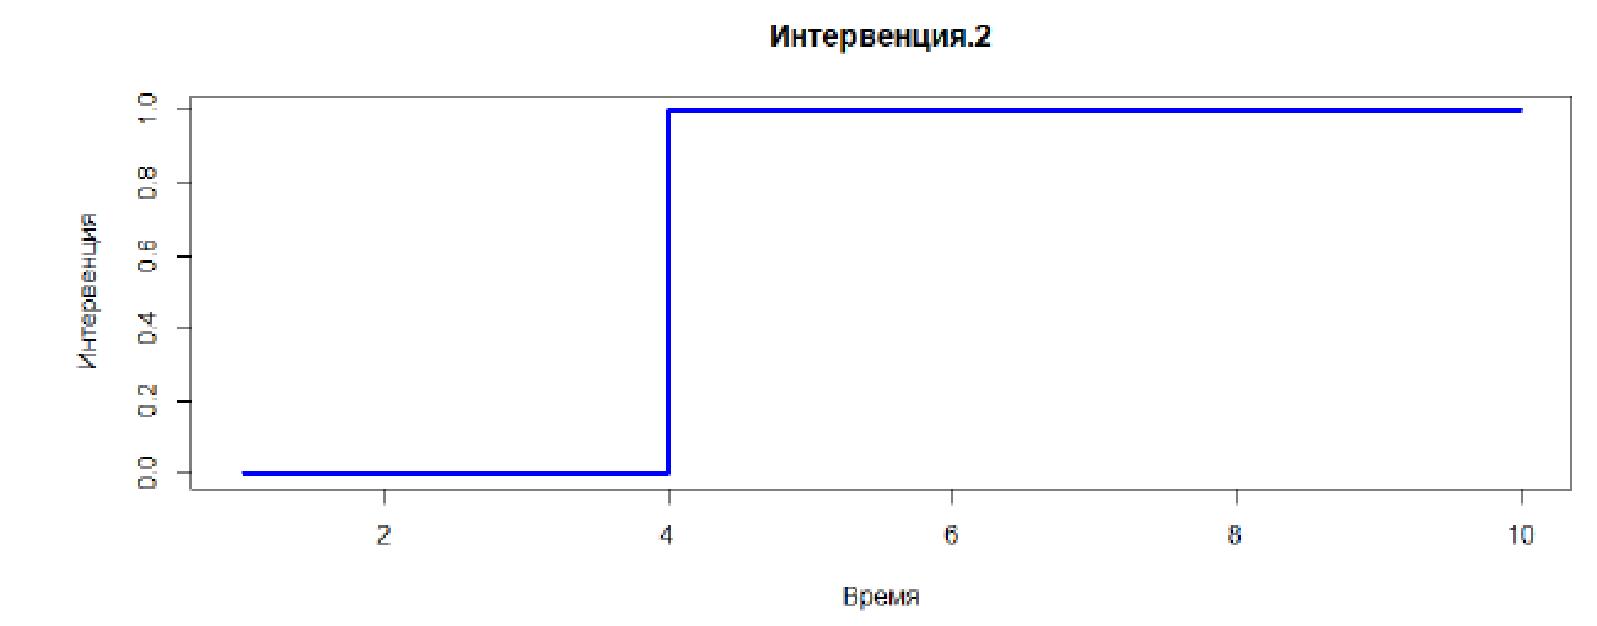 Управление ценовыми скидками: модели для количественного измерения эффекта на примере АЗС - 7